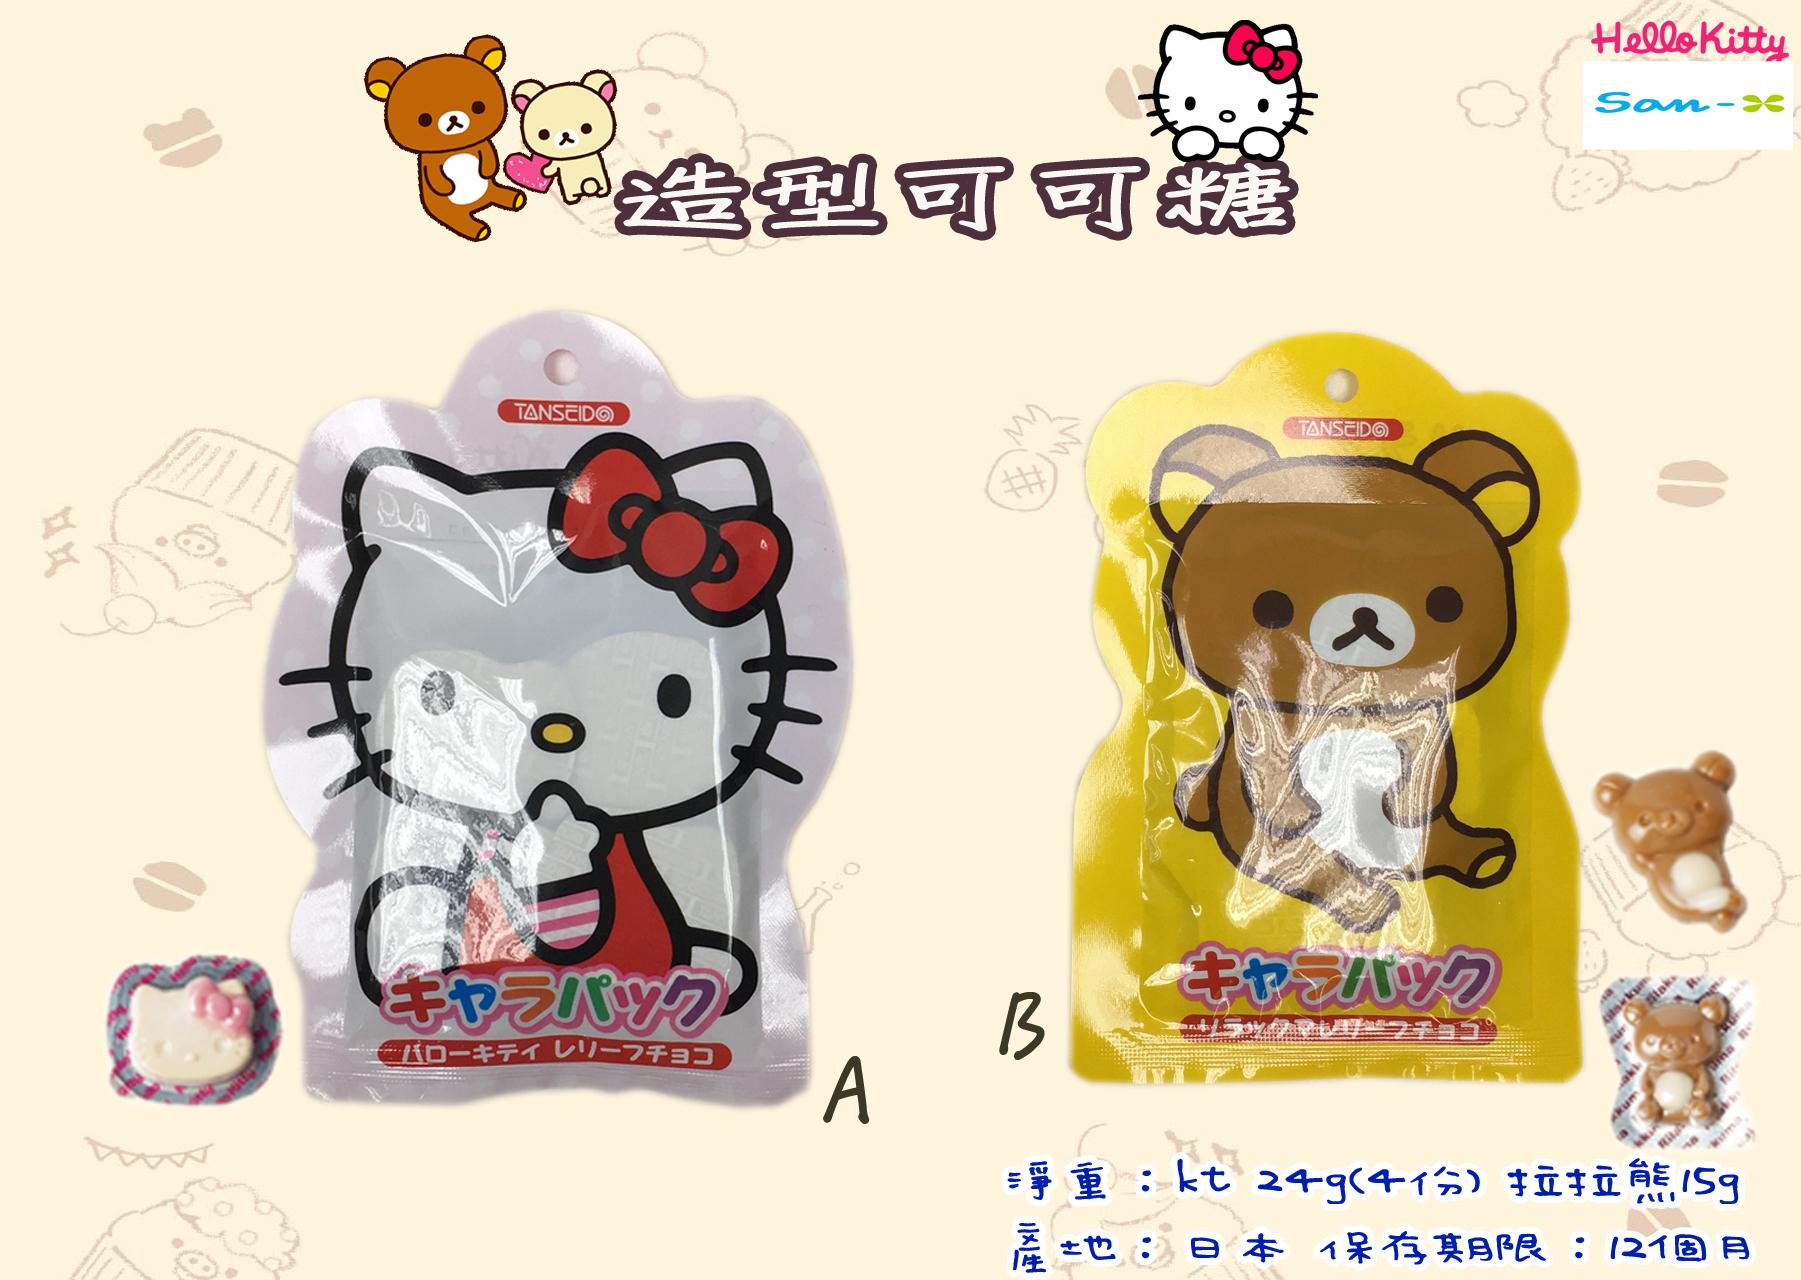 造型可可糖 KITTY 懶懶熊 巧克力 大臉造型 日本進口